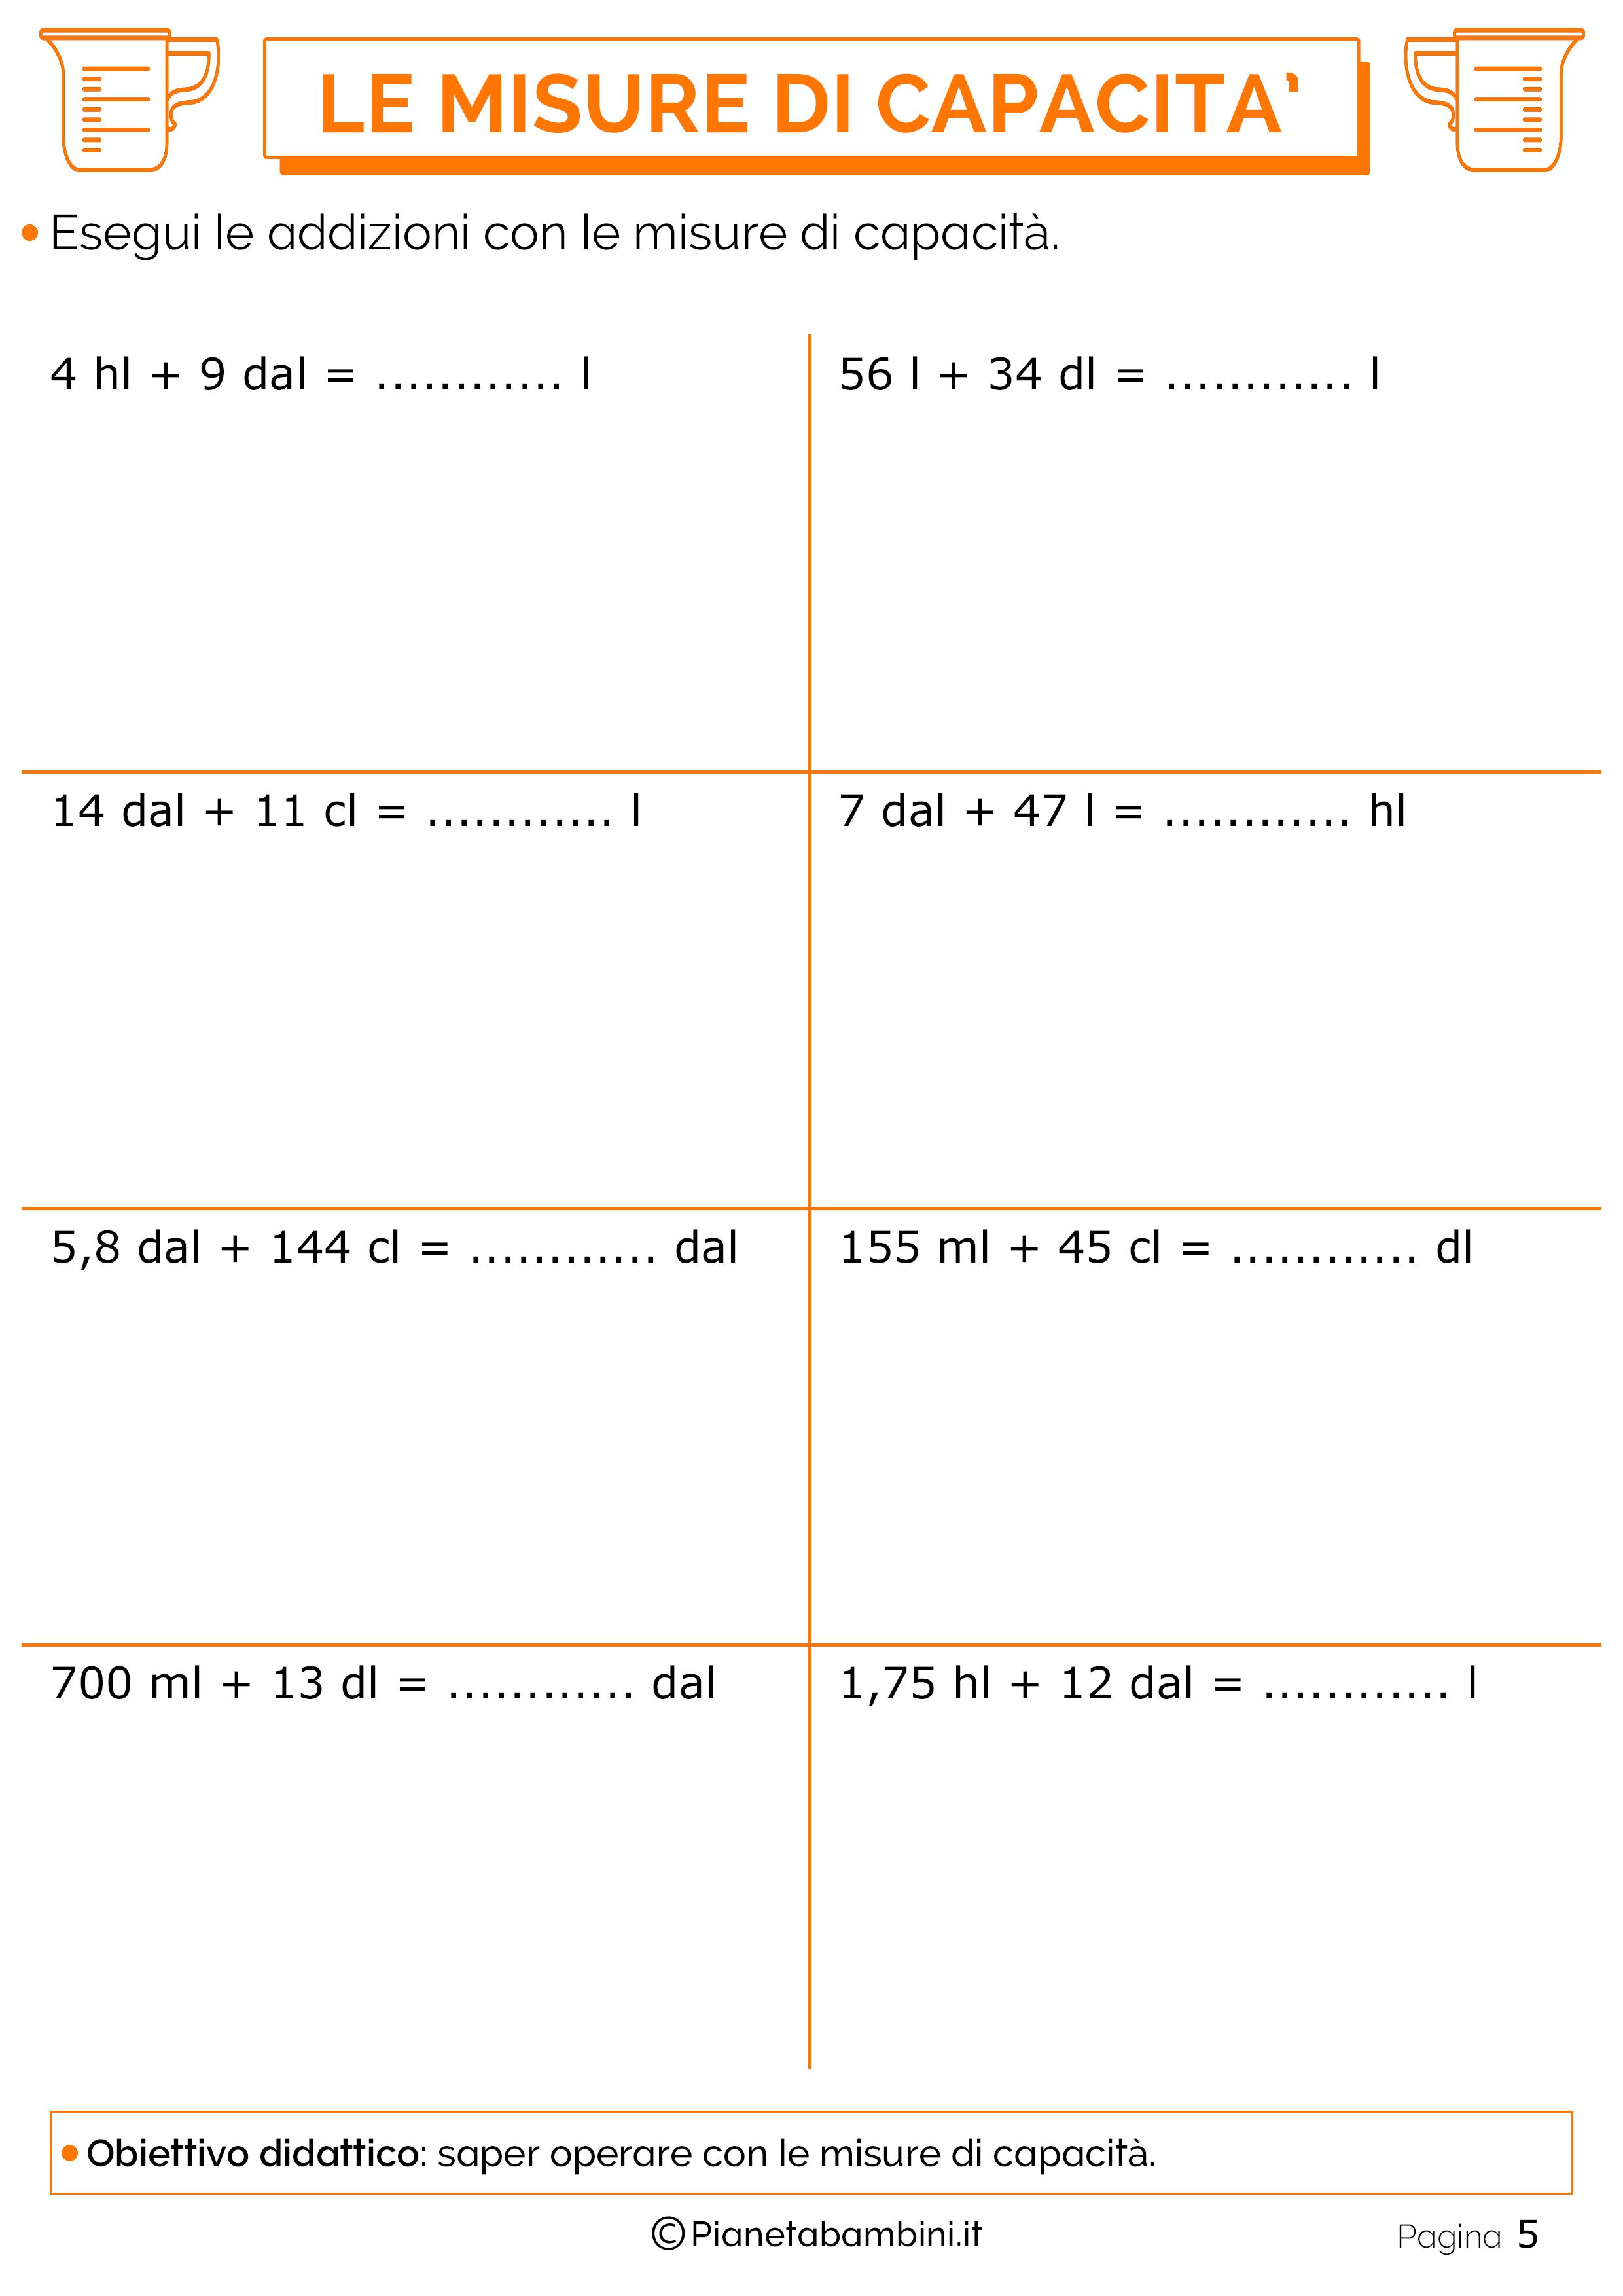 Addizioni-Misure-Capacita